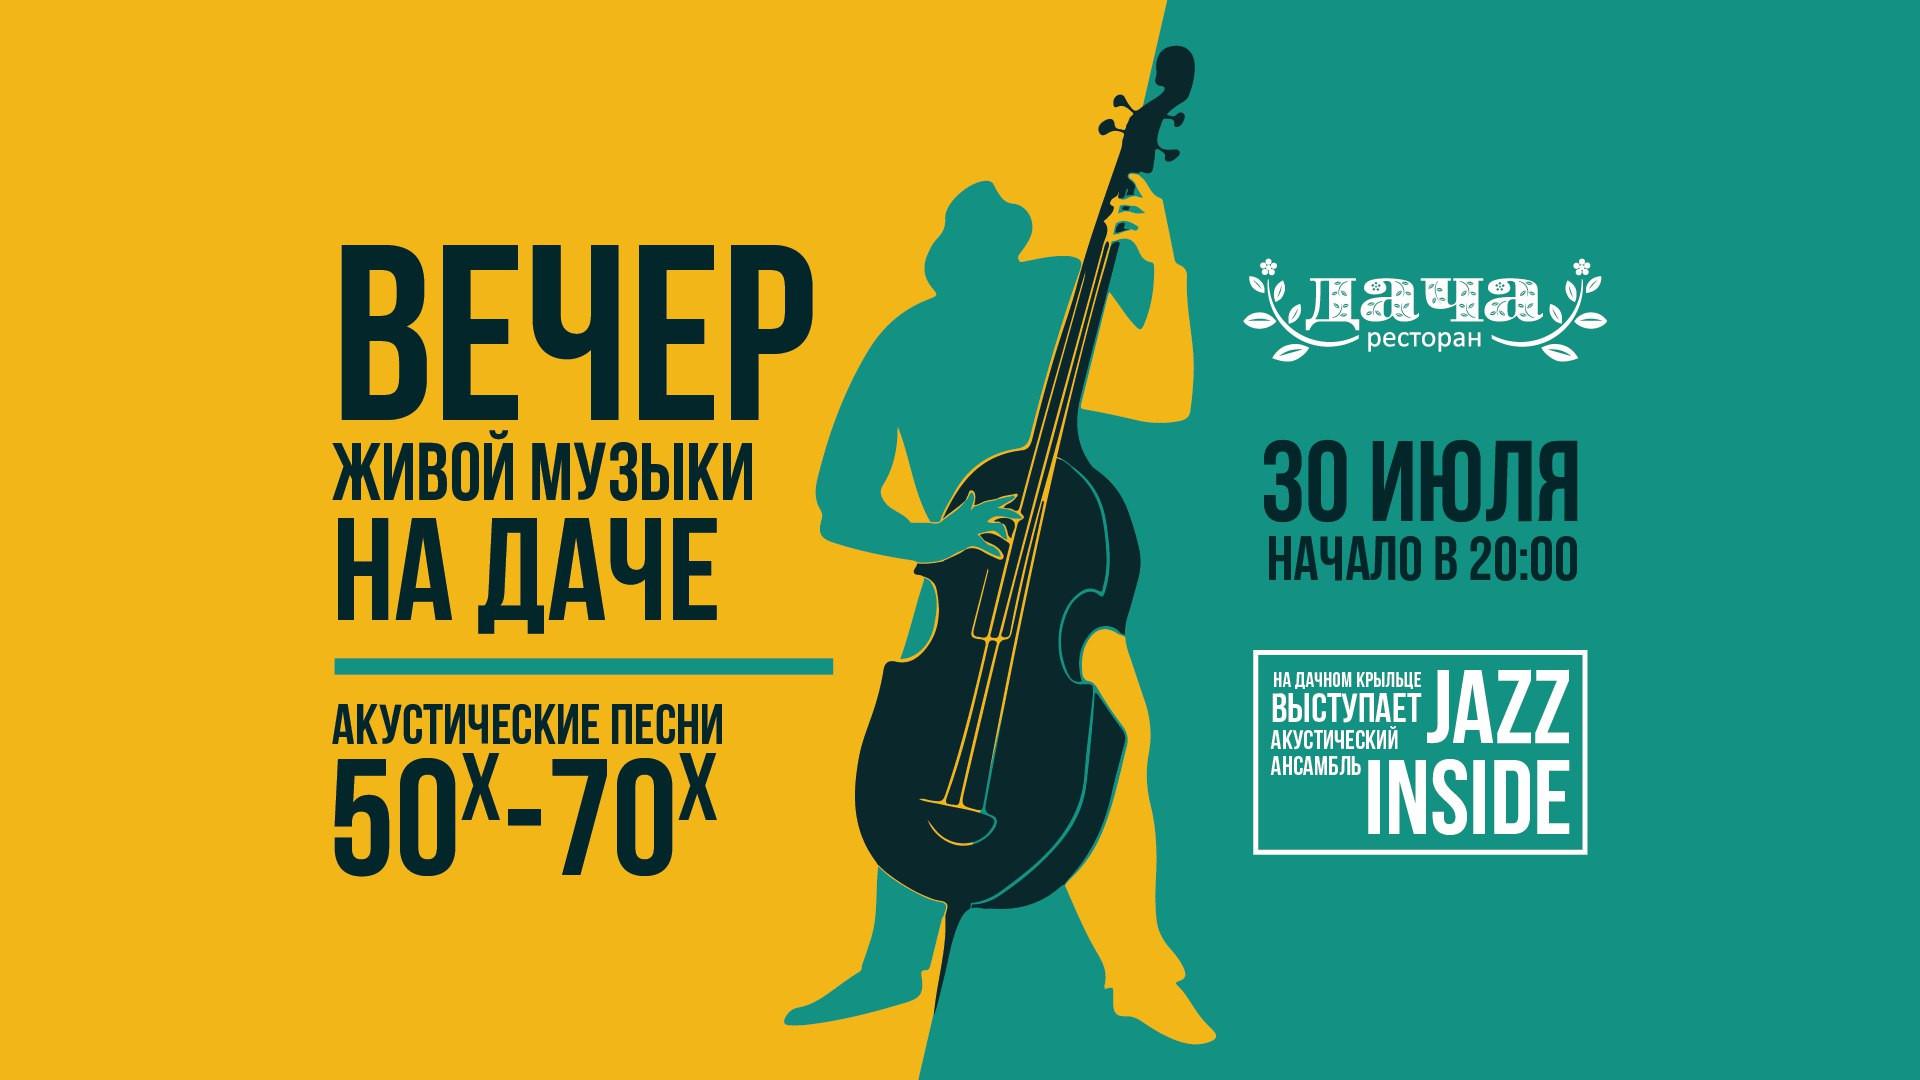 Вечер живой музыки на Даче